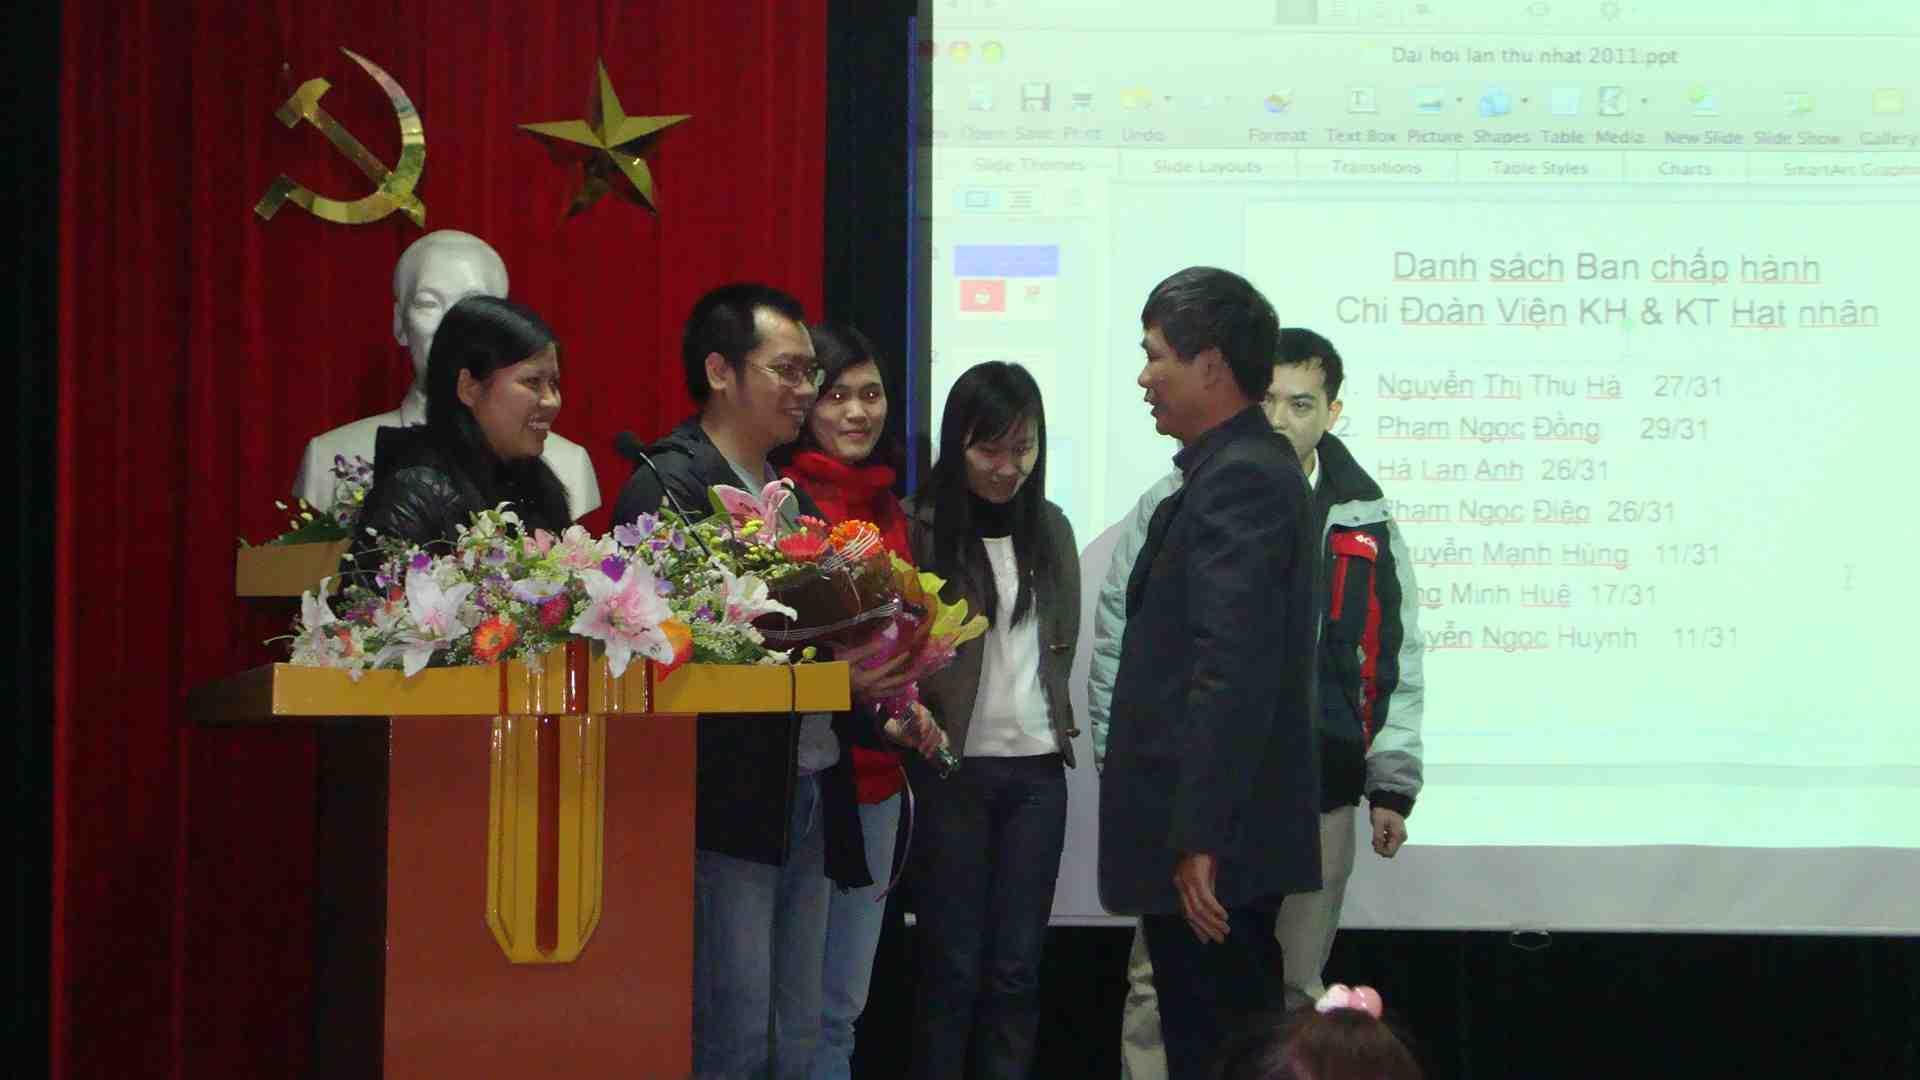 Đại hội Chi đoàn TNCS Hồ Chí Minh Viện KH&KT Hạt nhân lần thứ nhất